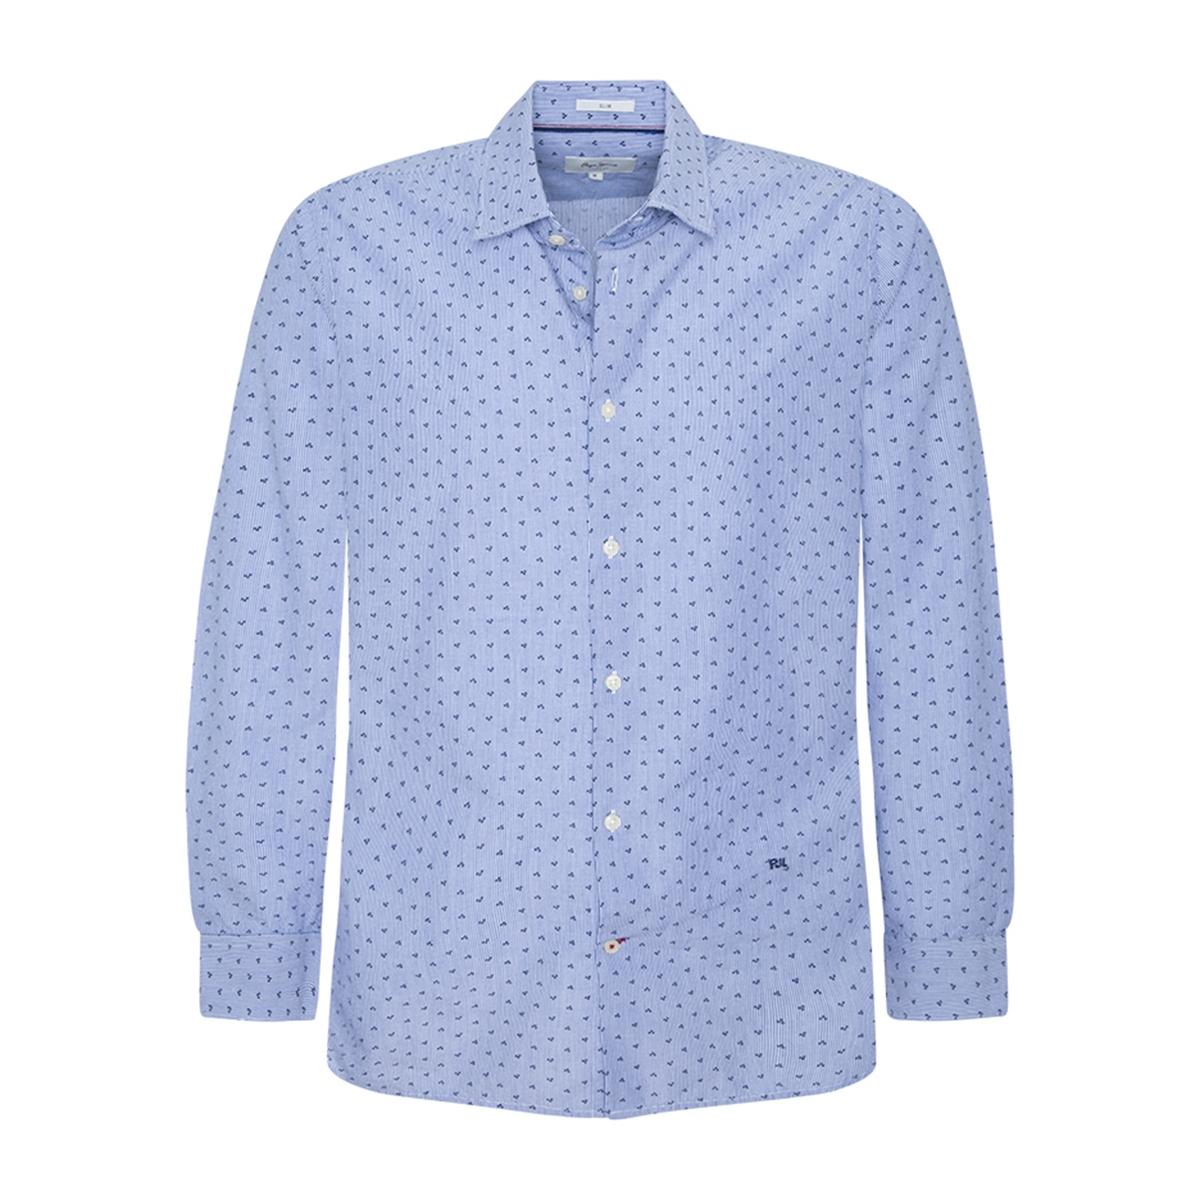 Camisa slim a rayas con microestampado Pierre